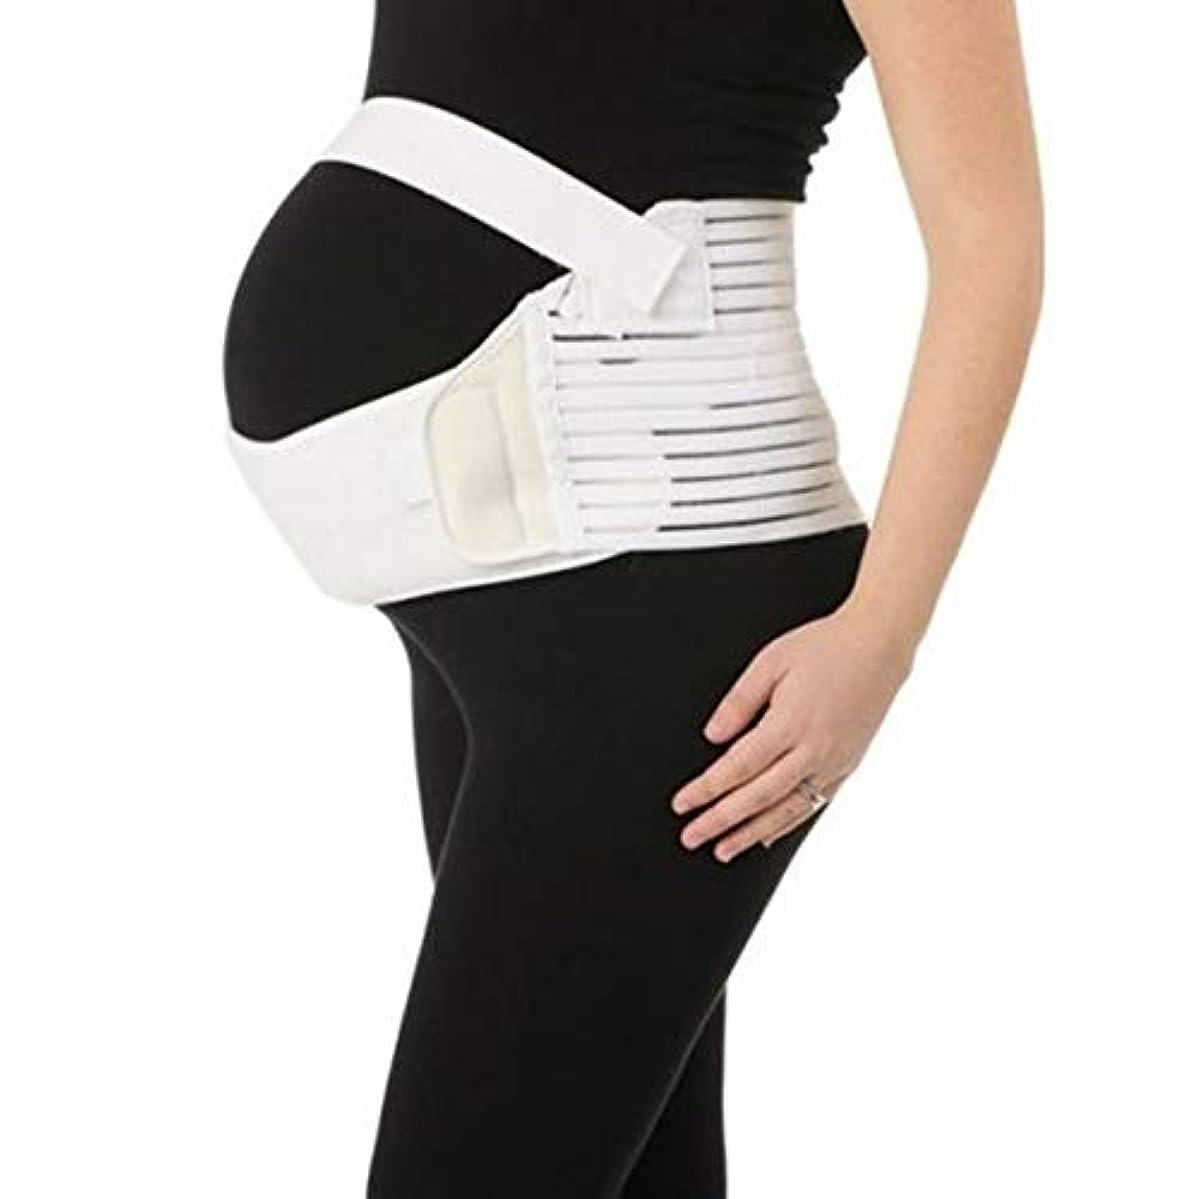 知り合いになる欲望ハング通気性産科ベルト妊娠腹部サポート腹部バインダーガードル運動包帯産後の回復形状ウェア - ホワイトM